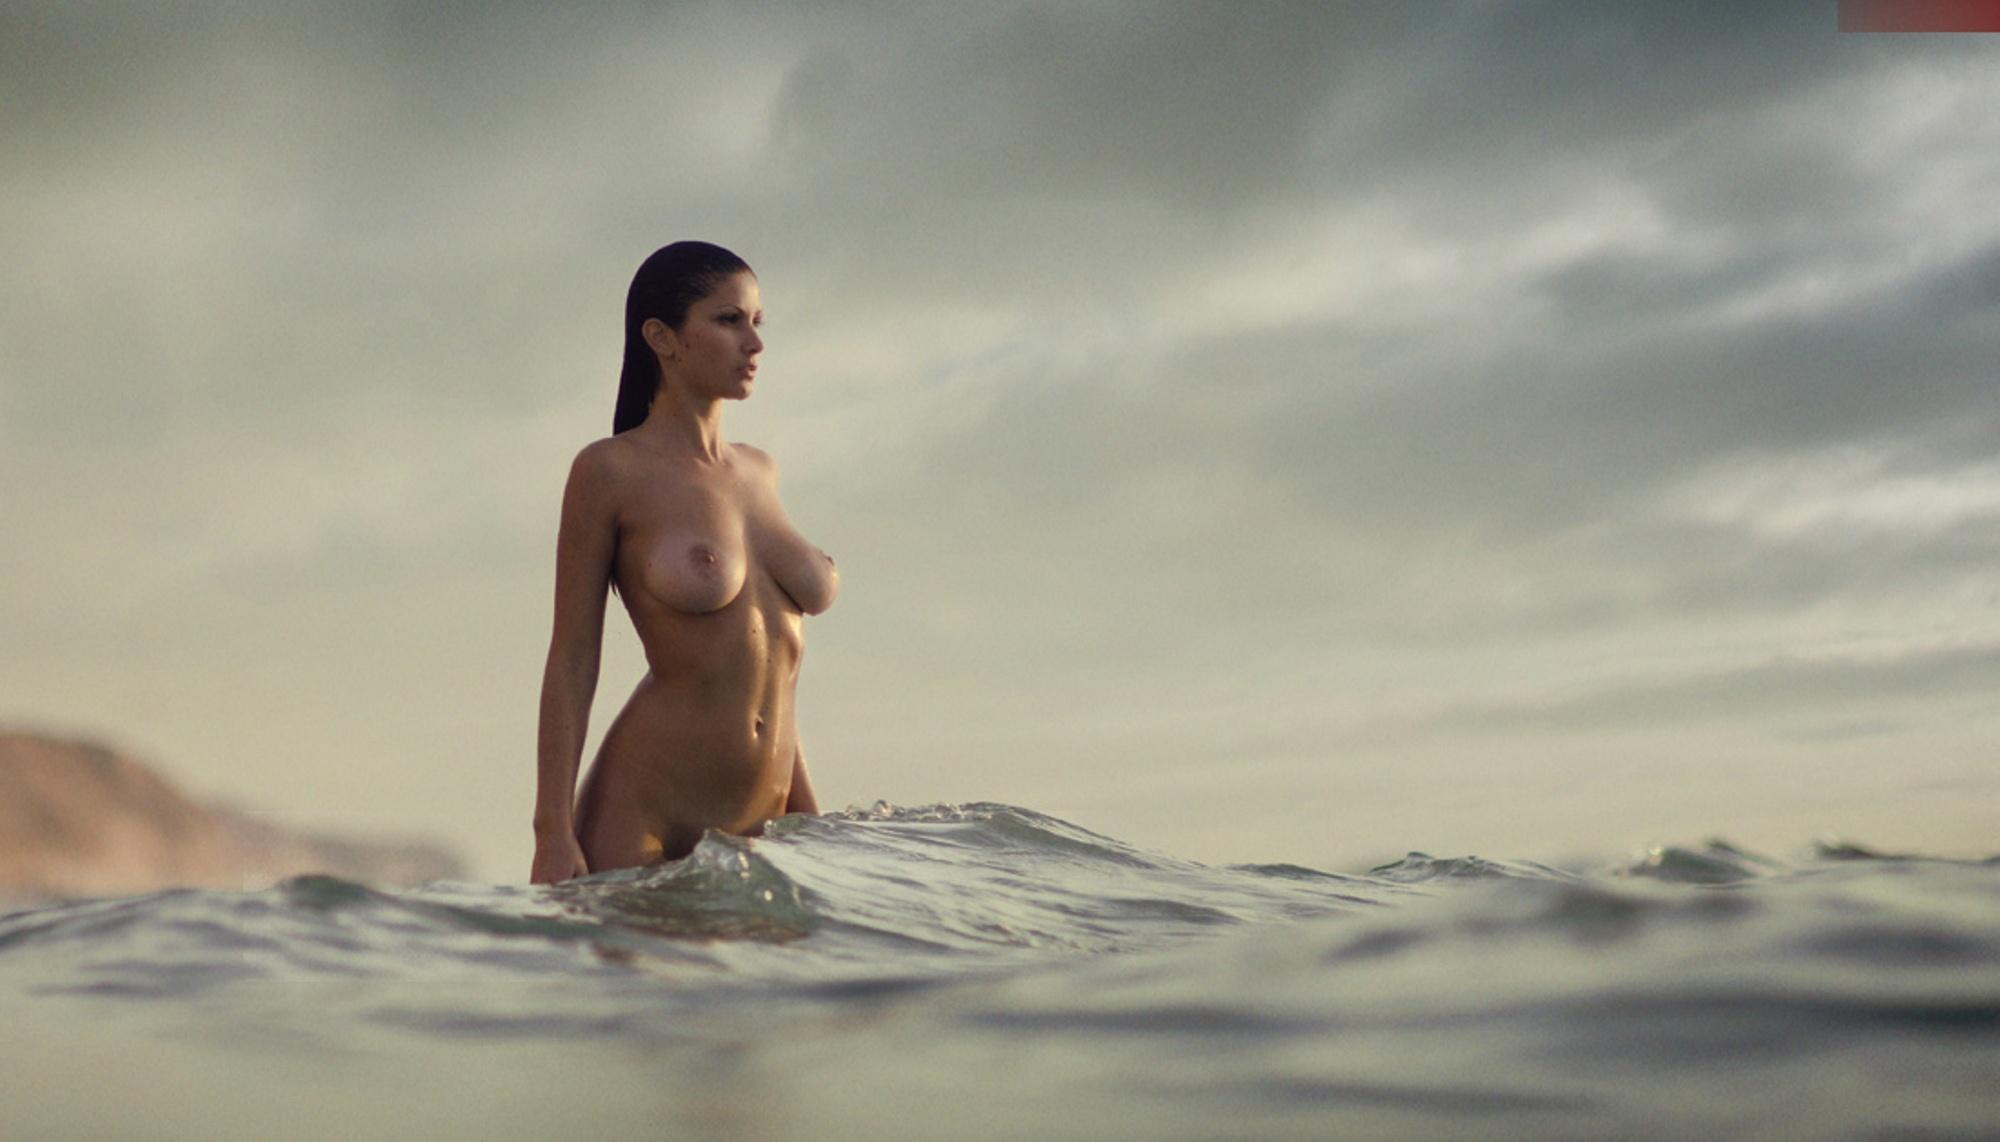 www.самые развратные фото женщин.ru.